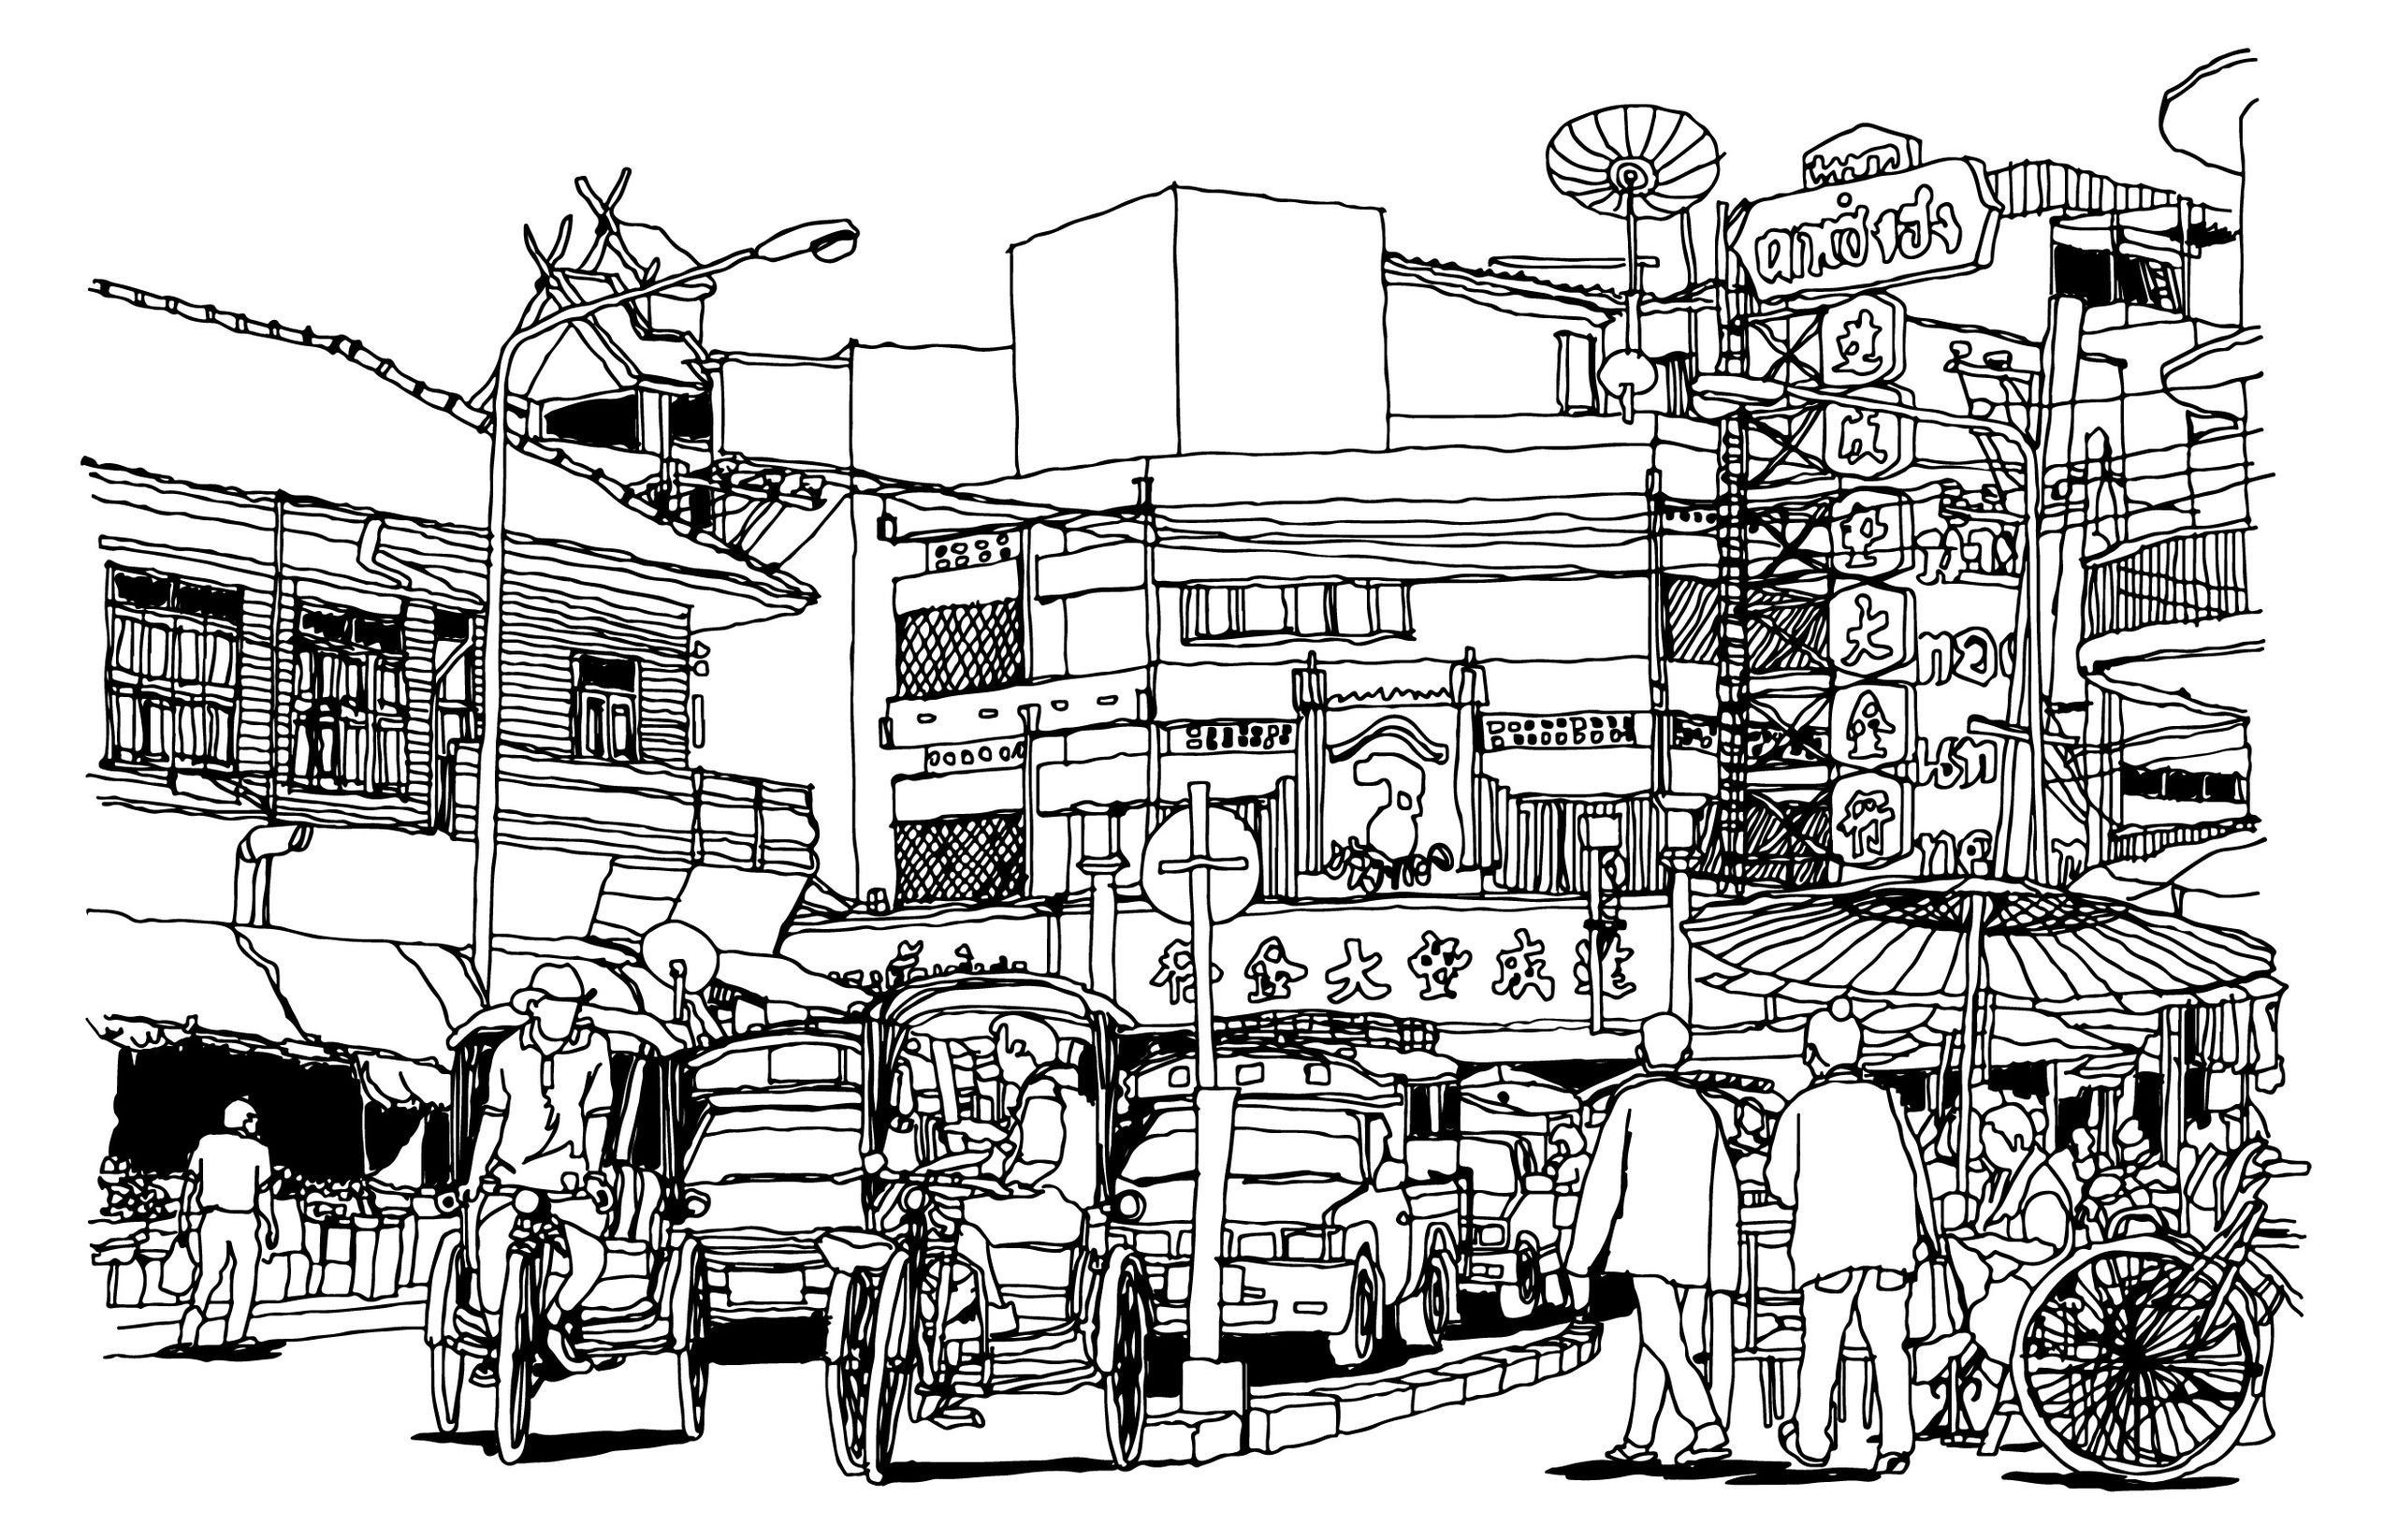 Architecture Dessin : Coloriage d une rue passante dans ville de thailande